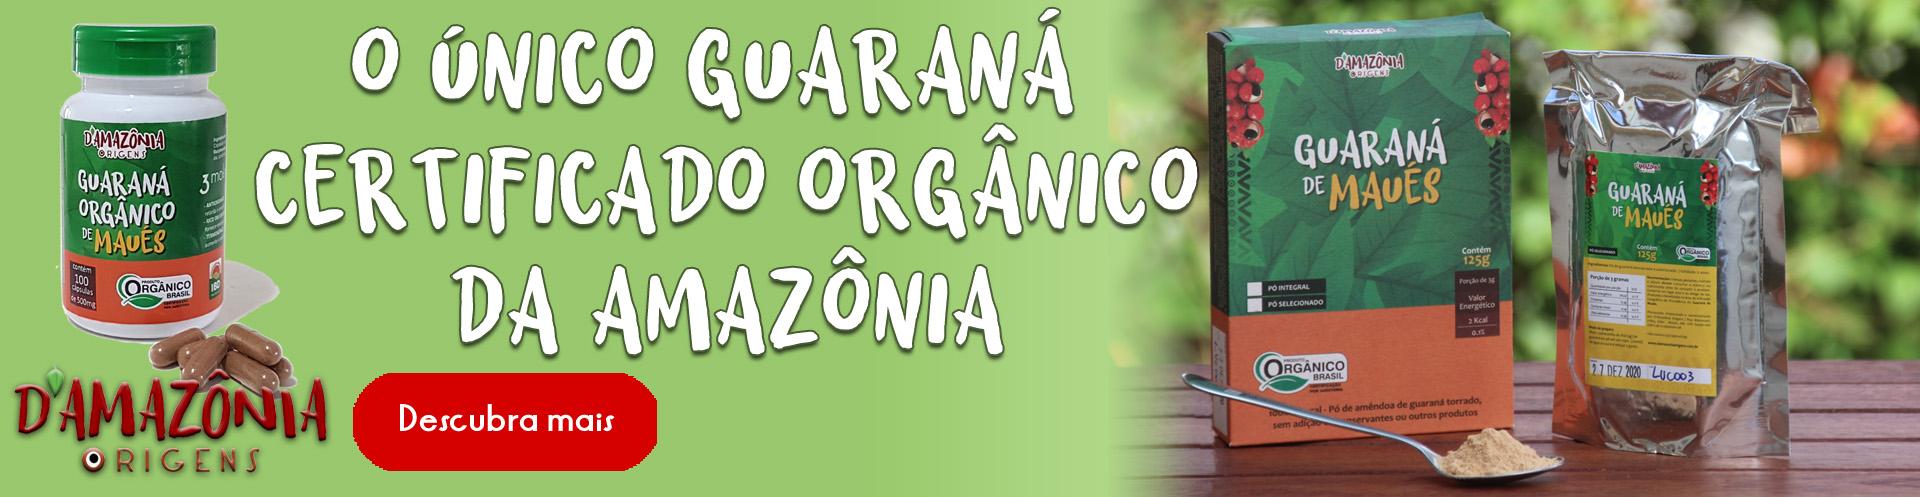 o único orgânico